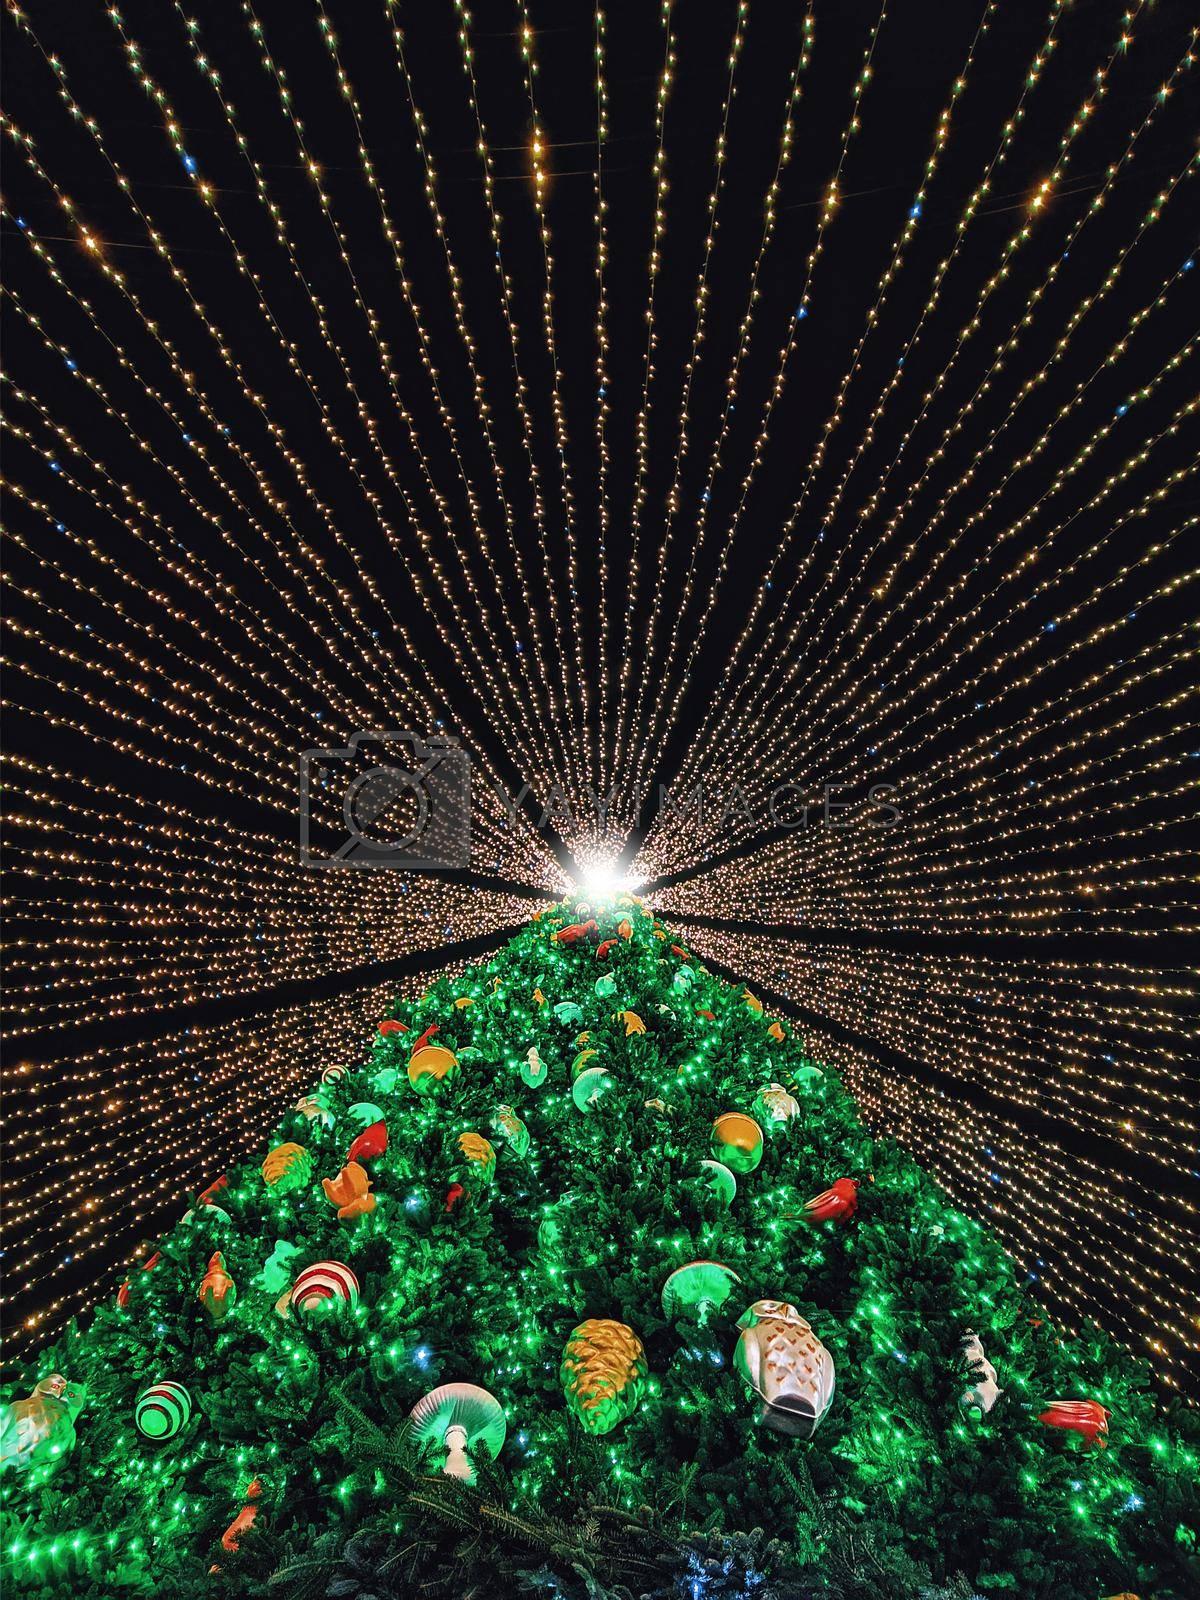 The main Christmas tree of Ukraine. by Nickstock